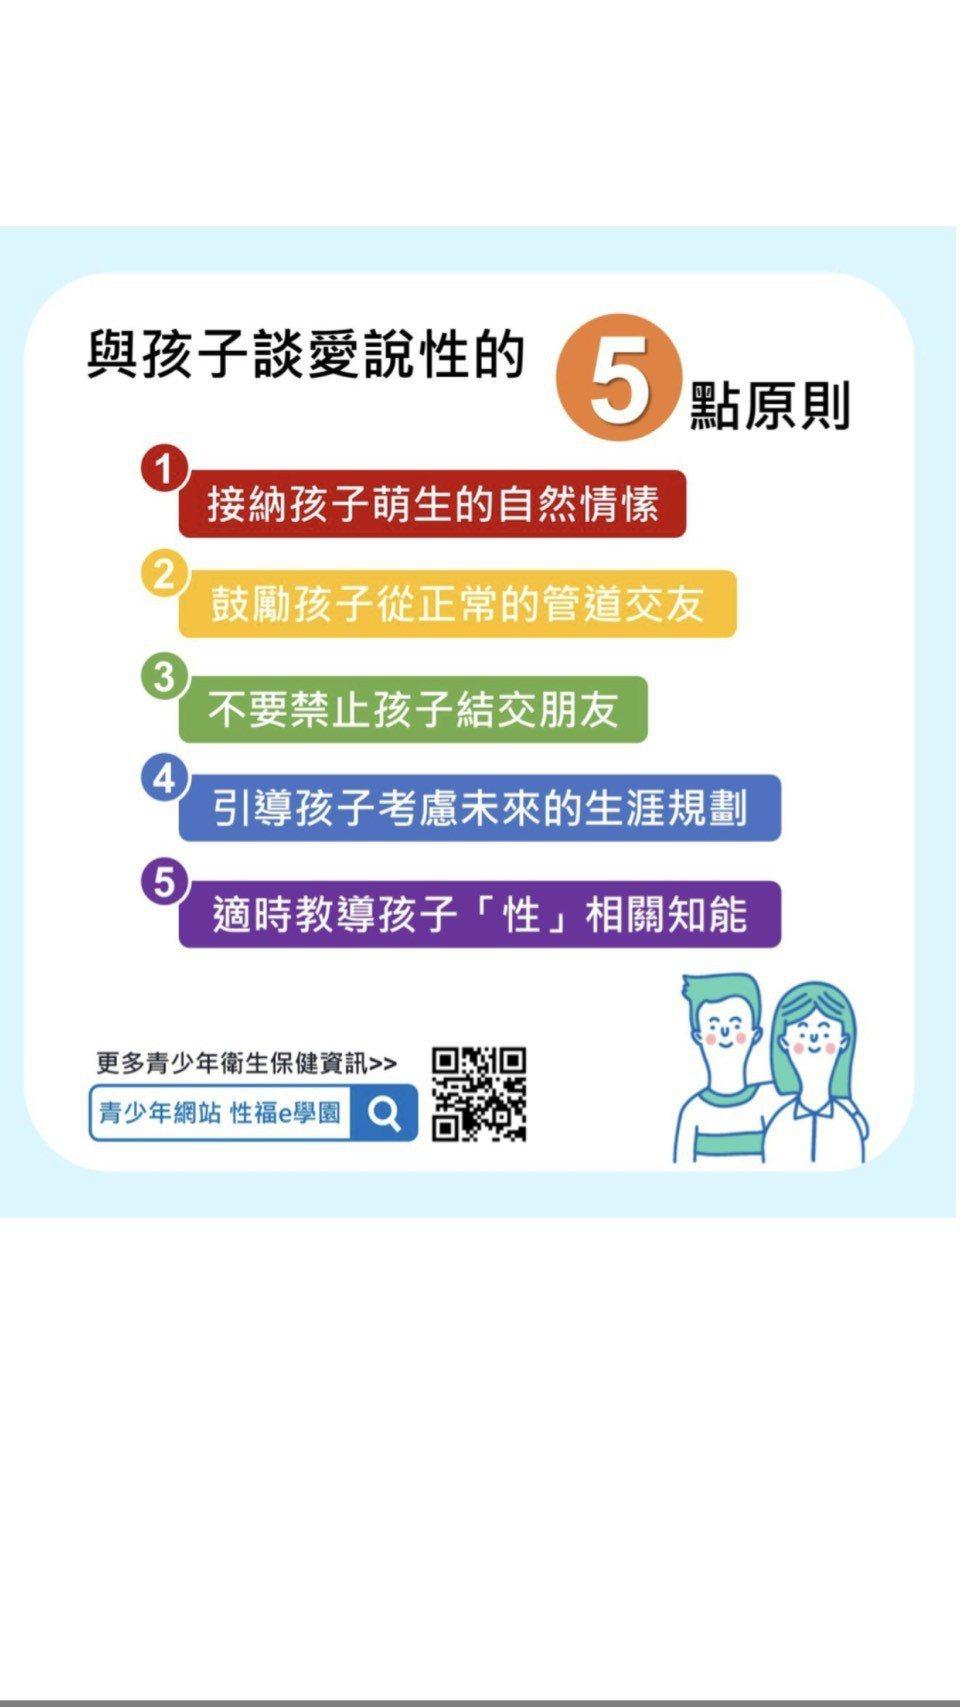 國健署建議家長,與青春期孩子談論性與愛議題時,可參考五原則。圖/國健署提供